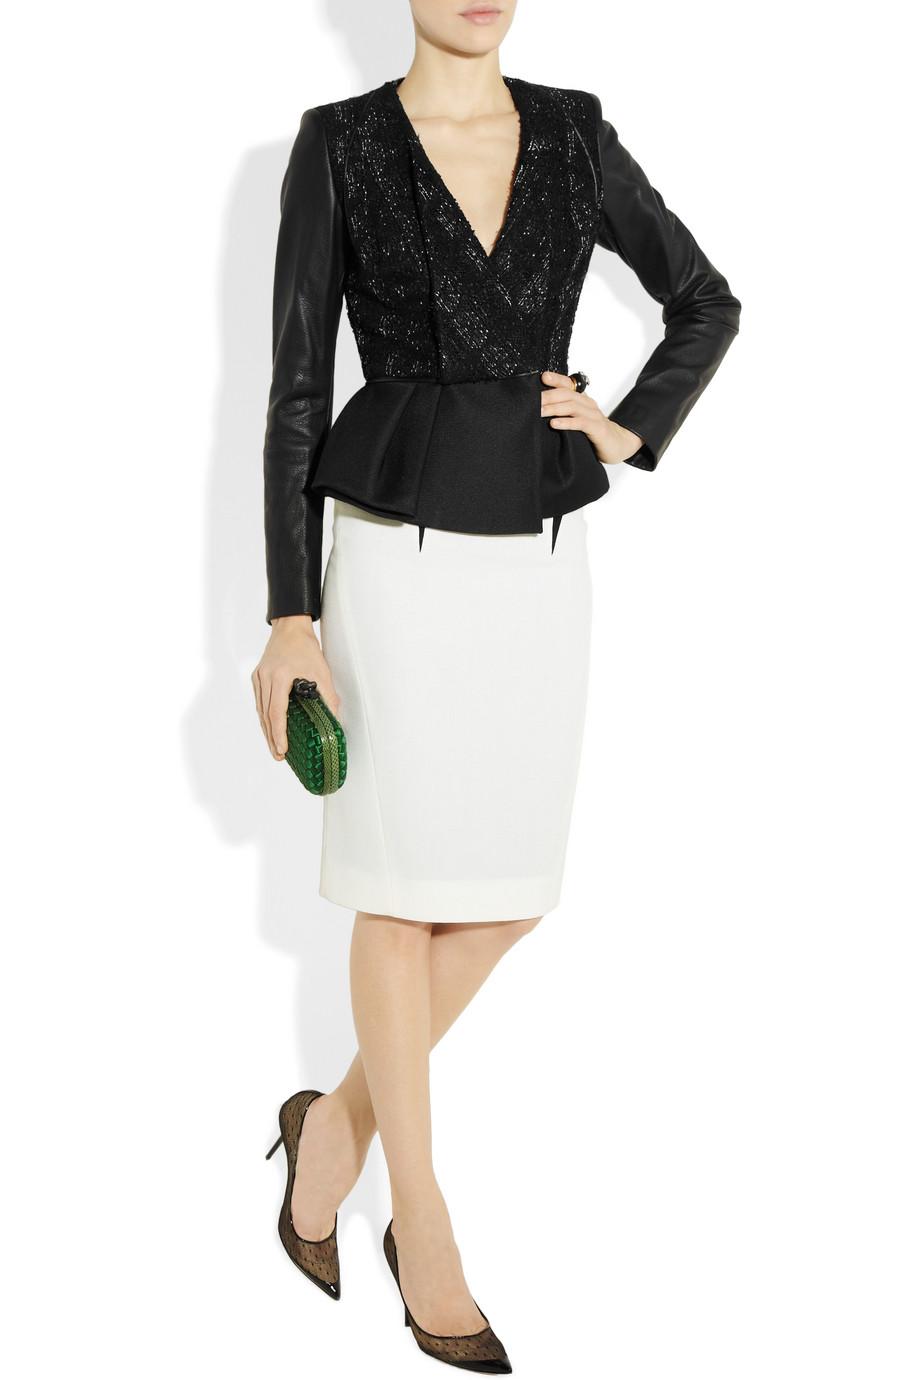 Борокко стиль - тренд моды 2012